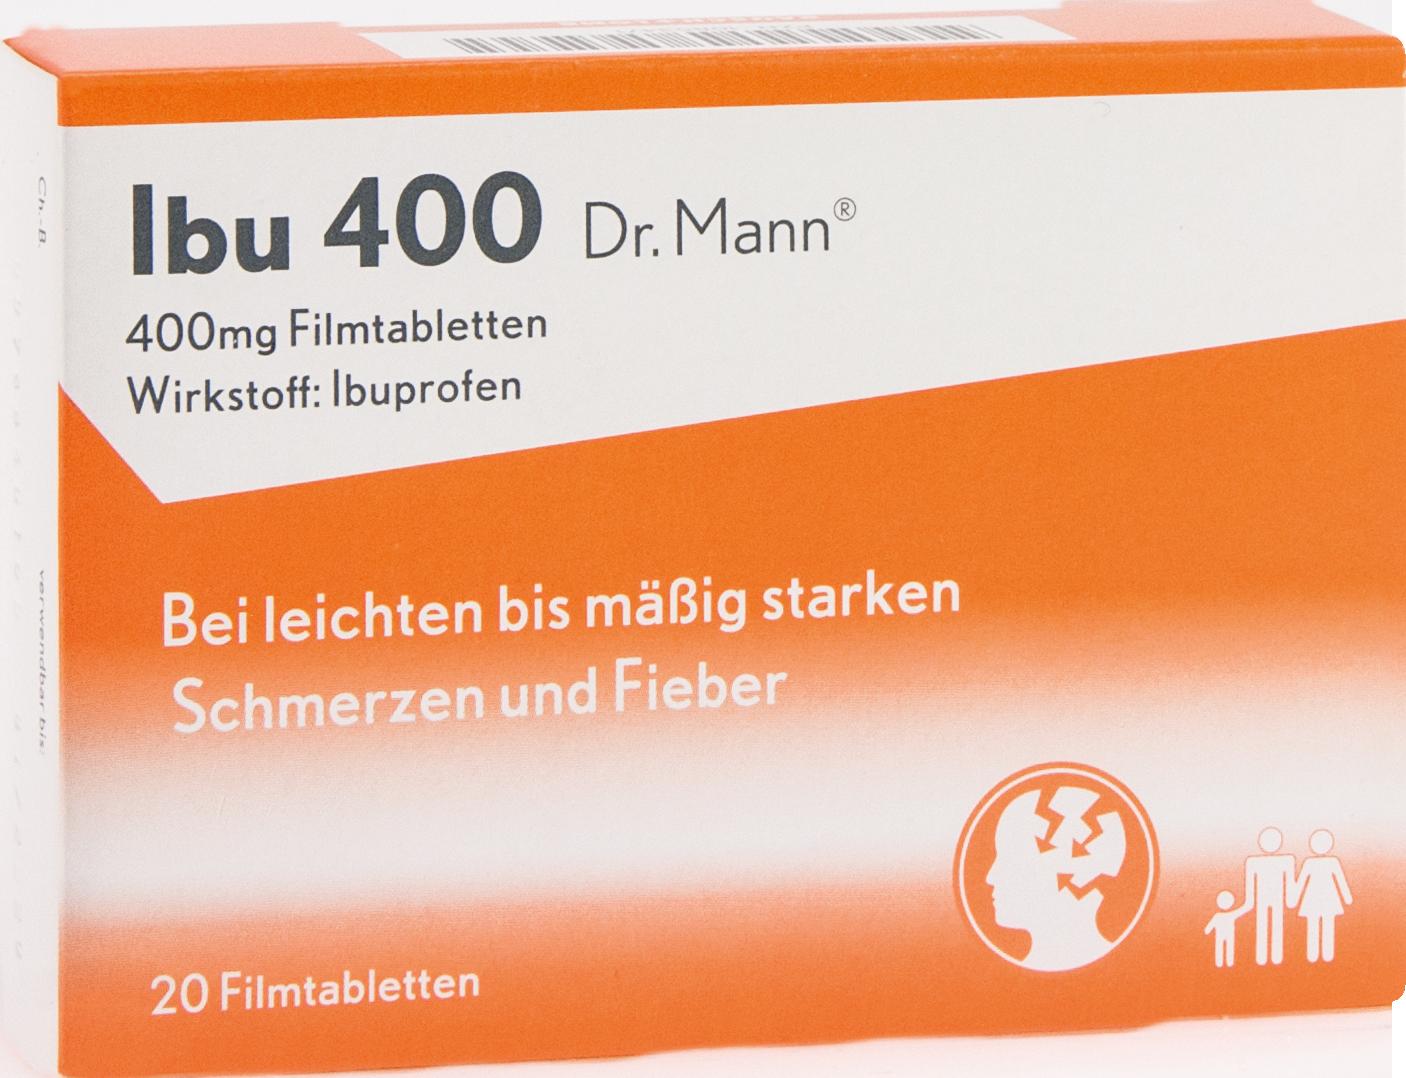 IBU 400 Dr. Mann